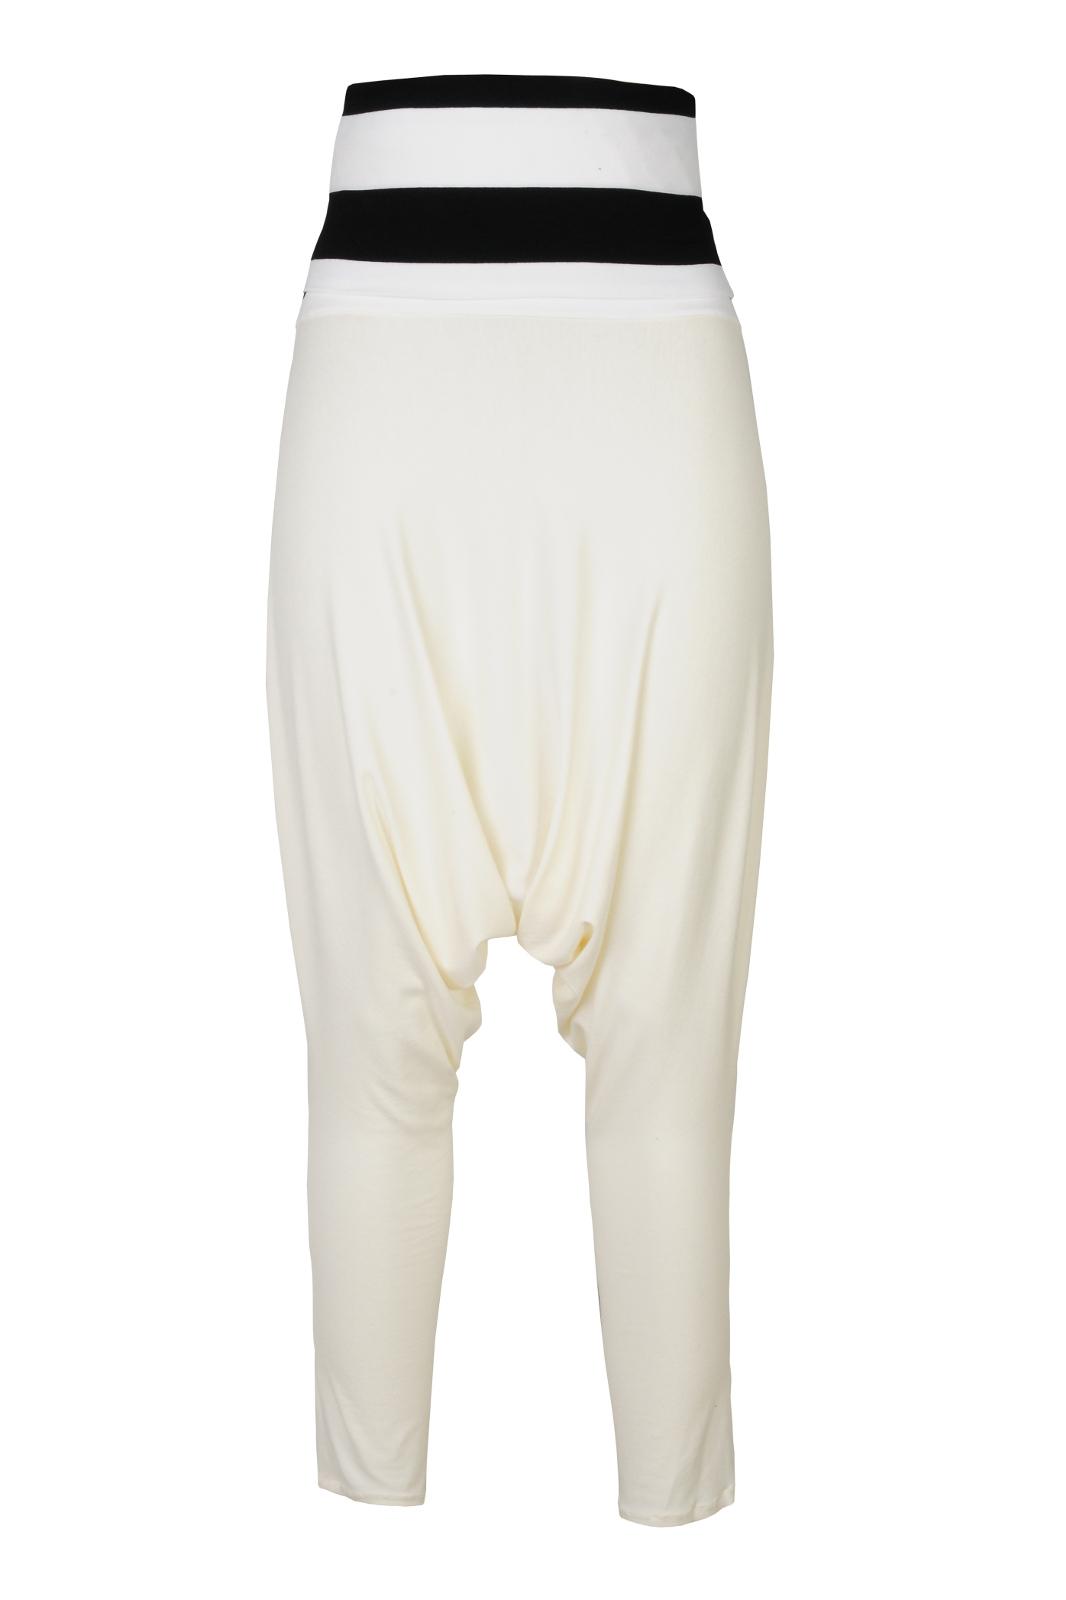 Spodnie ESOTIQ by EVA MINGE York